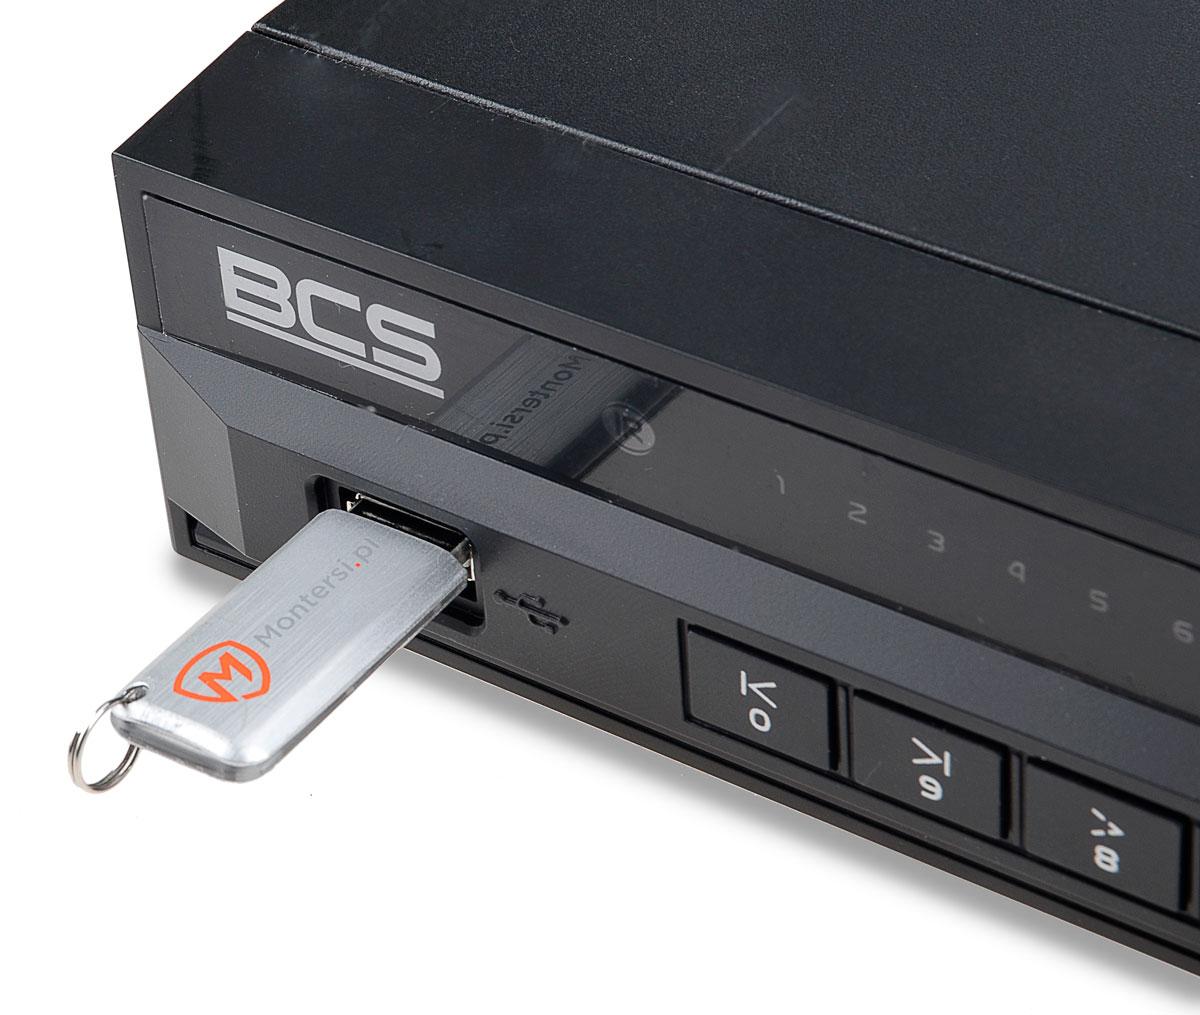 Gniazdo USB w rejestratorze BCS-NVR0802-4K-P